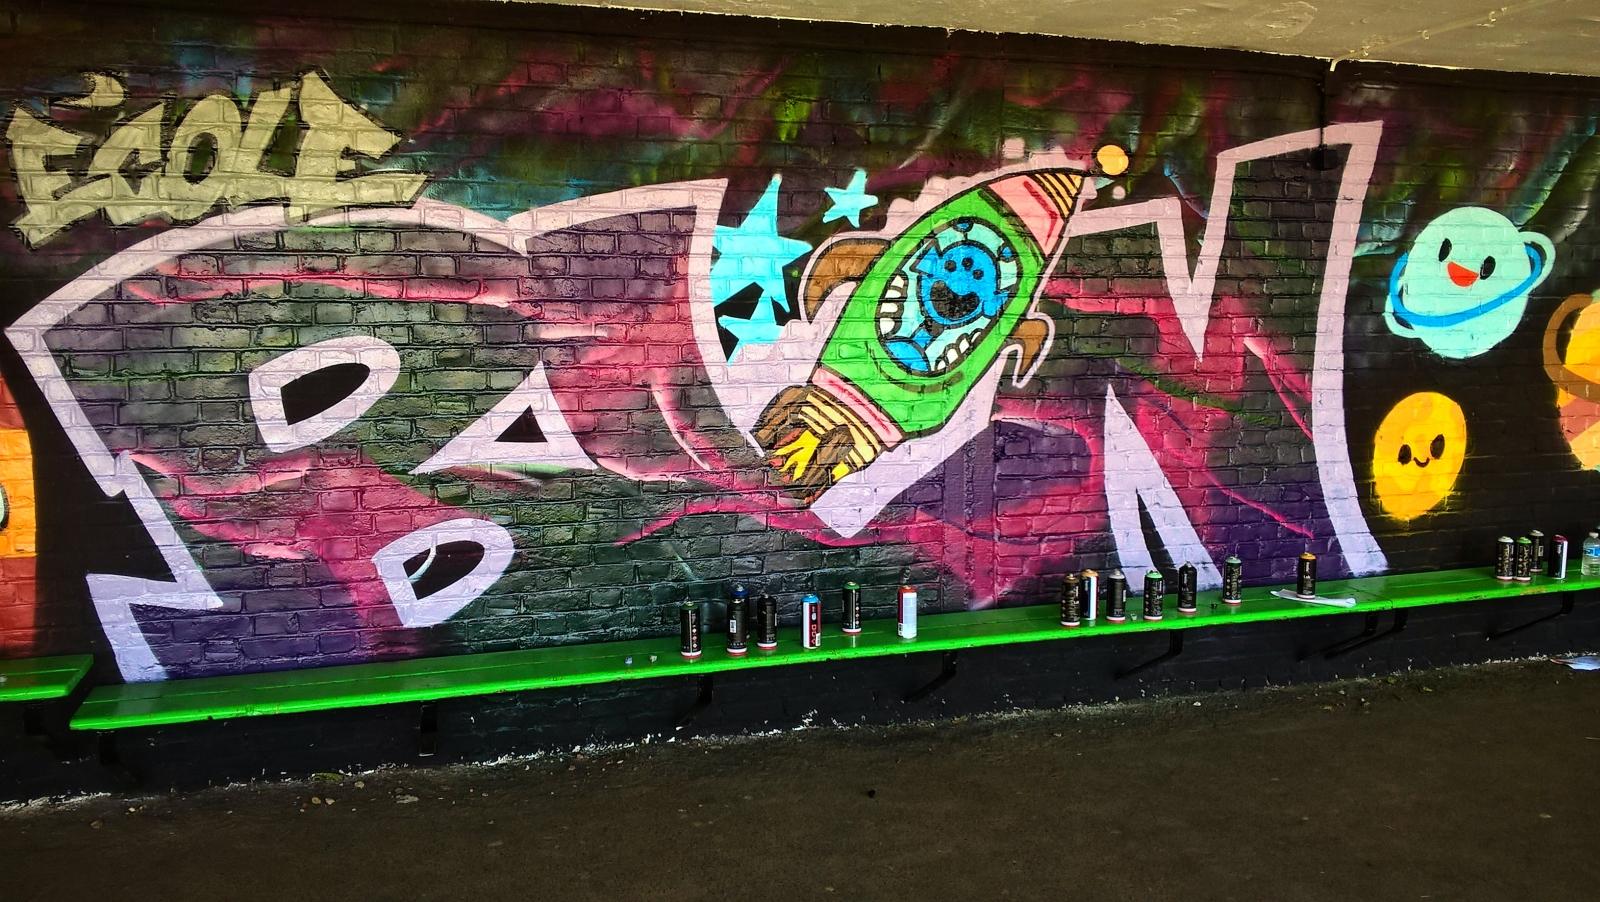 Graffiti-Dans-3-ecoles-primaires-noeux-les-mines-009